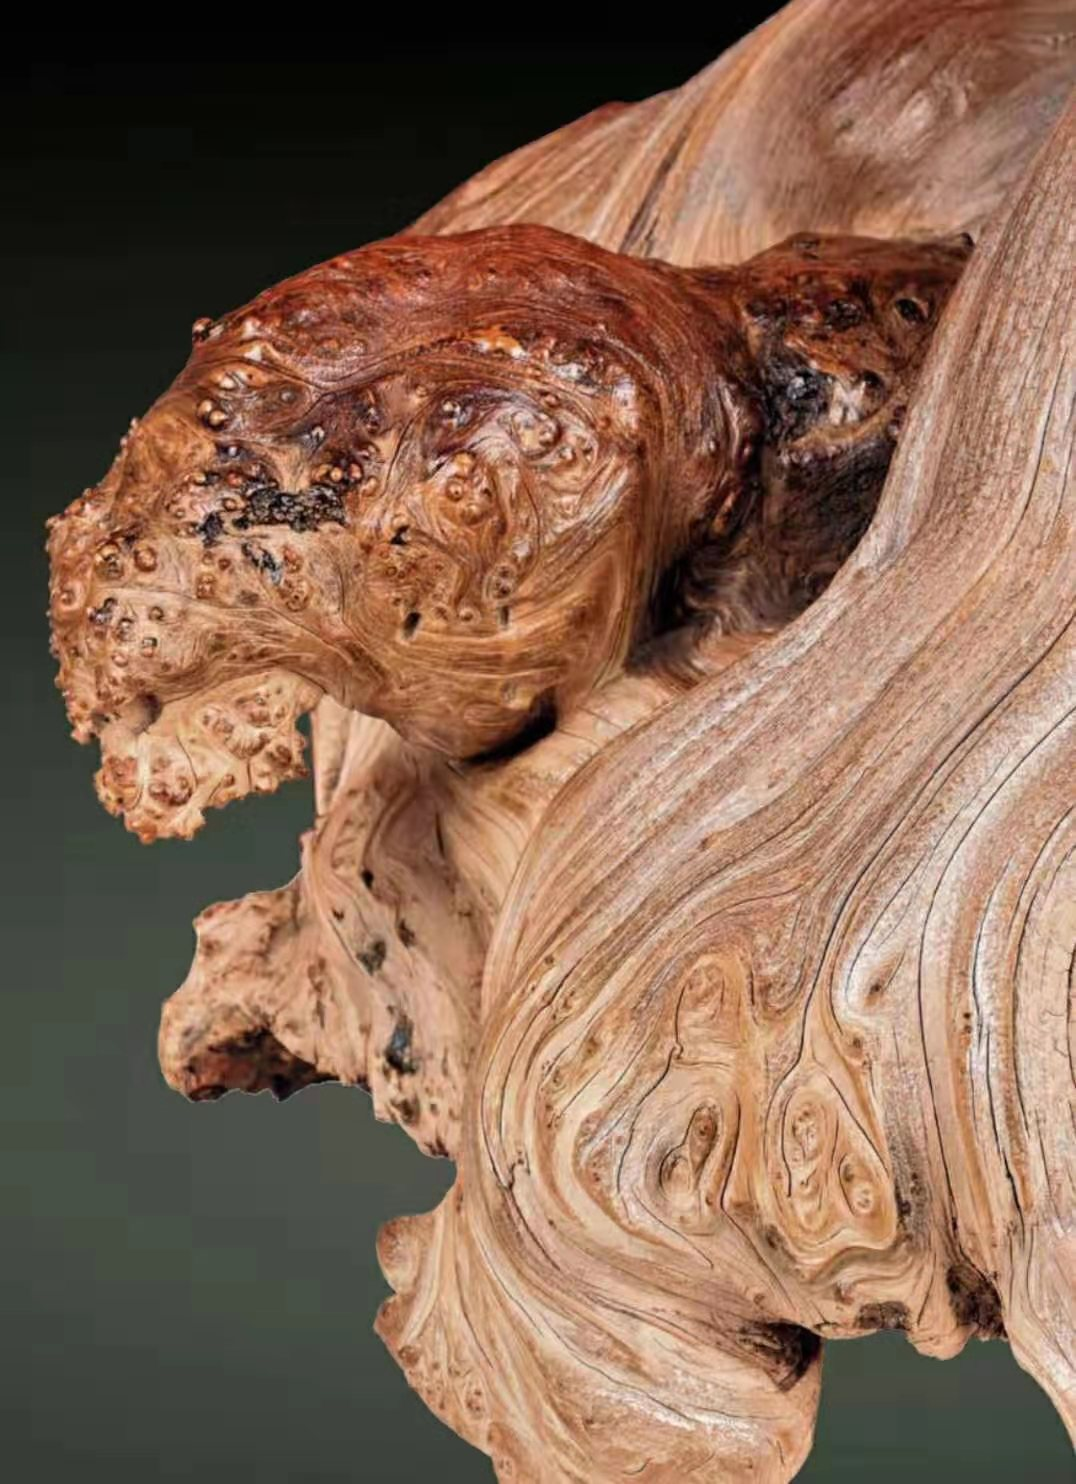 天然崖柏奇木 灵龟戏金蟾 在重庆崖柏文化会将首次展示